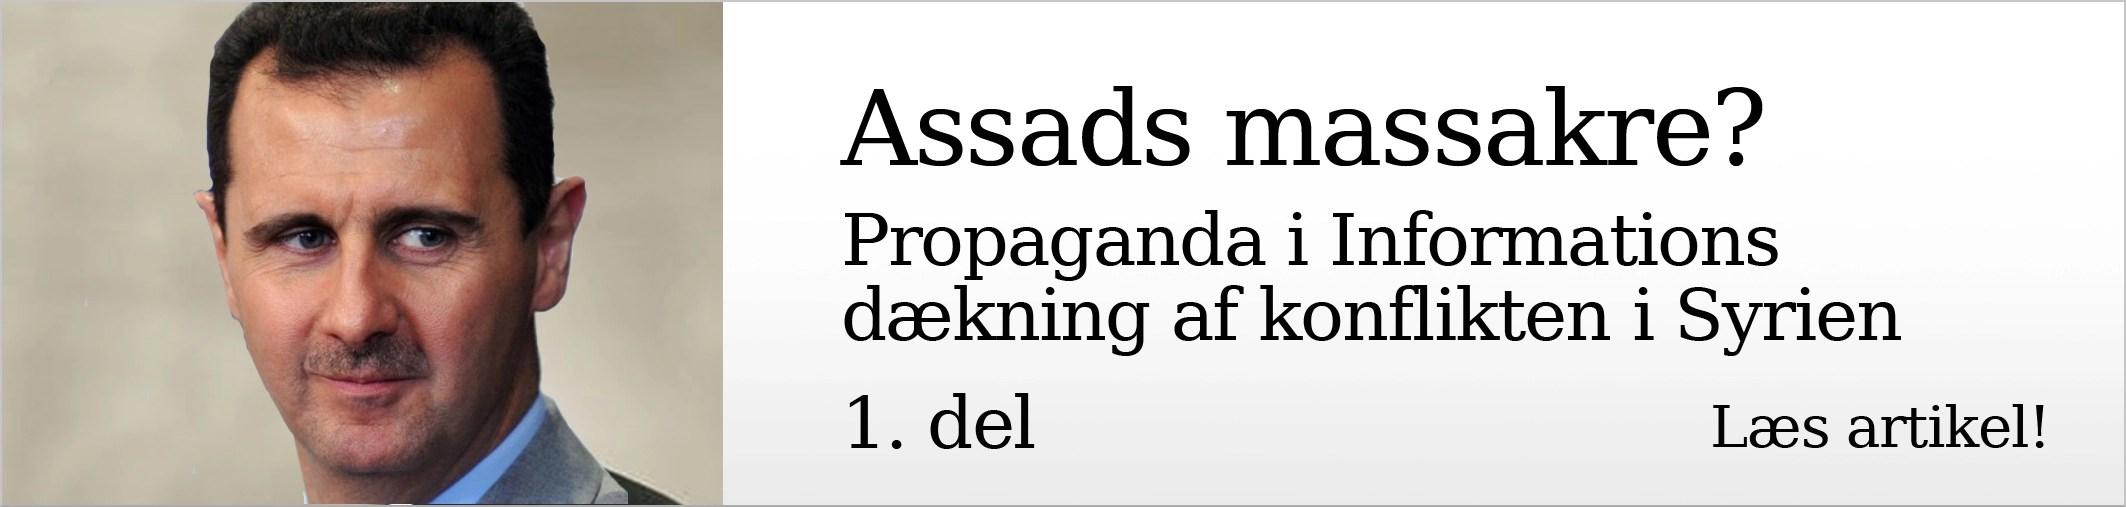 Assads massakre? Propaganda i Informations dækning af konflikten i Syrien. 1. del.